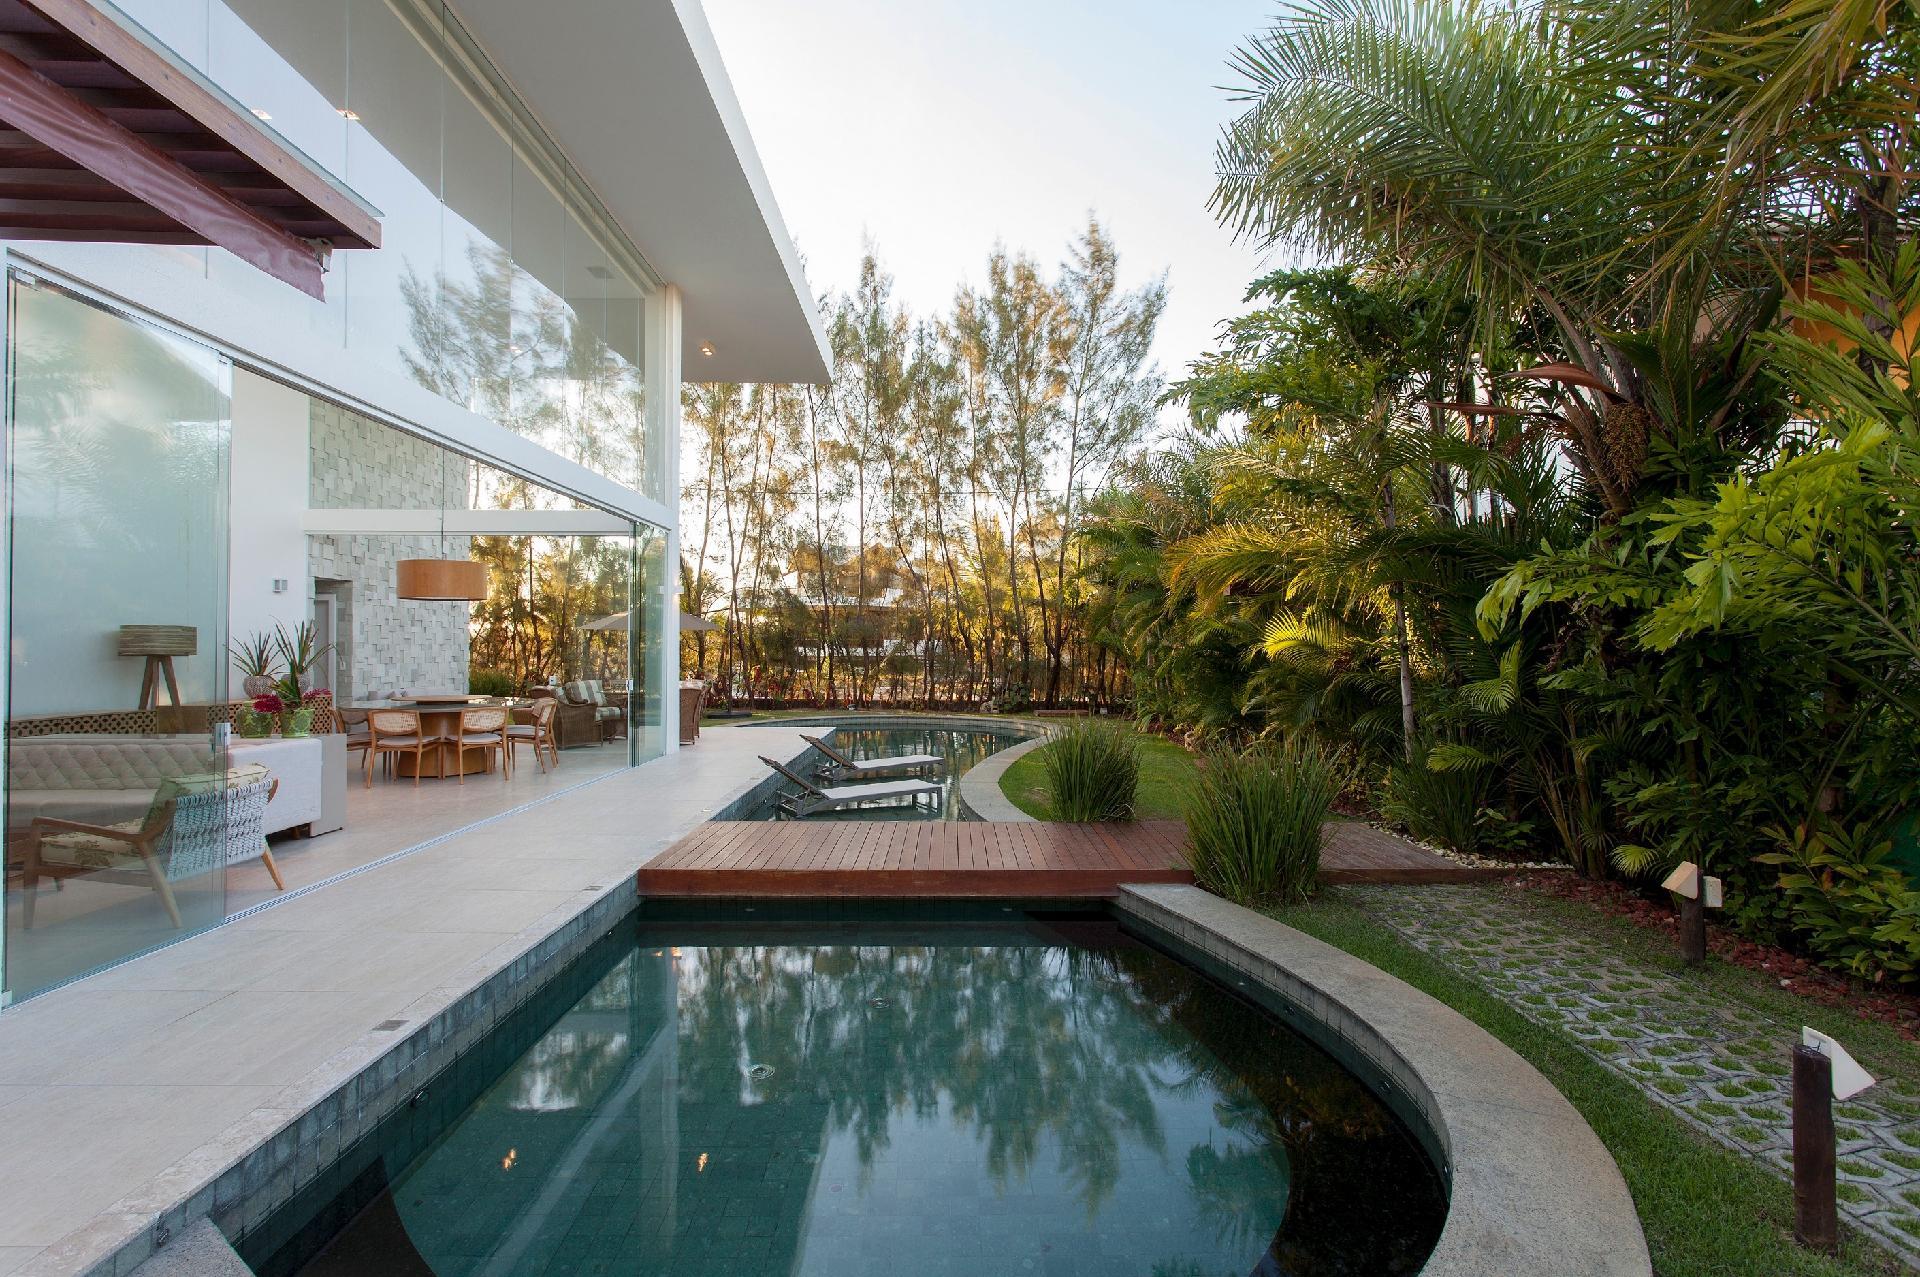 A piscina da casa de praia tem um desenho orgânico e alongado que ?abraça? toda a área social. Nela, a passarela de madeira conecta as salas de estar e jantar ao jardim. A residência em Camaçari (BA) foi desenvolvida pelo arquiteto Sidney Quintela